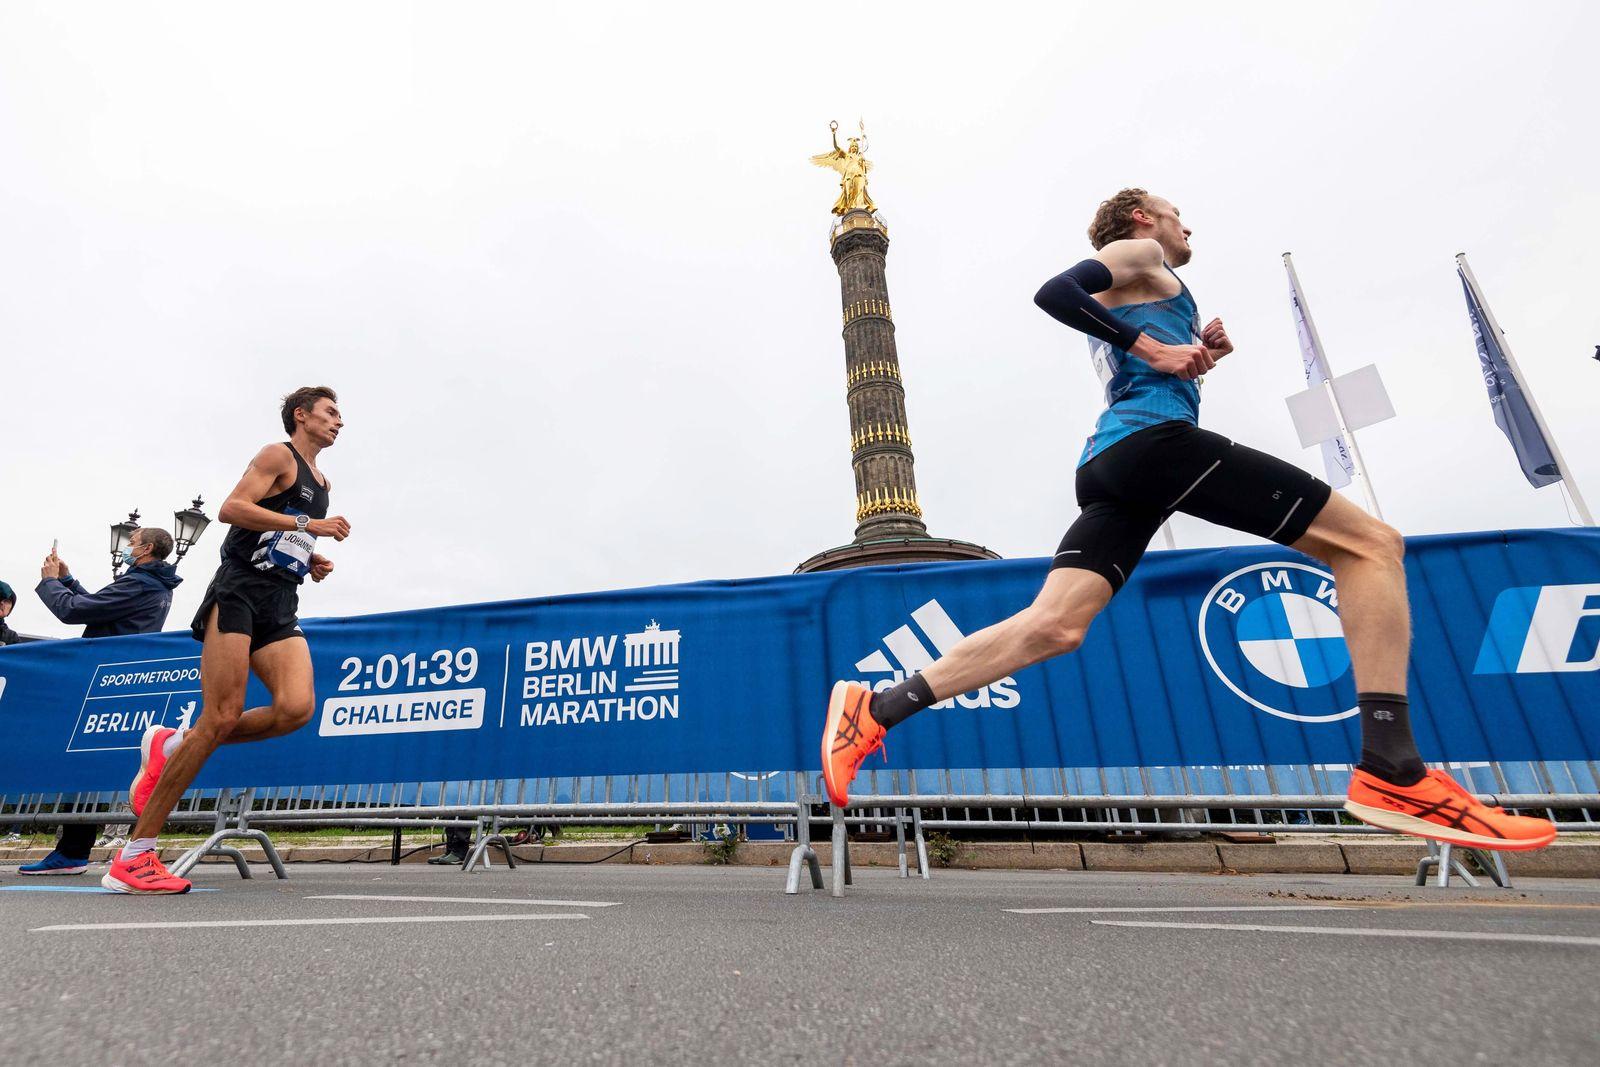 Leichtathletik Berlin 27.09.2020 BMW Berlin Marathon 2:01:39 Challenge Richard Ringer Johannes Motschmann *** Athletics